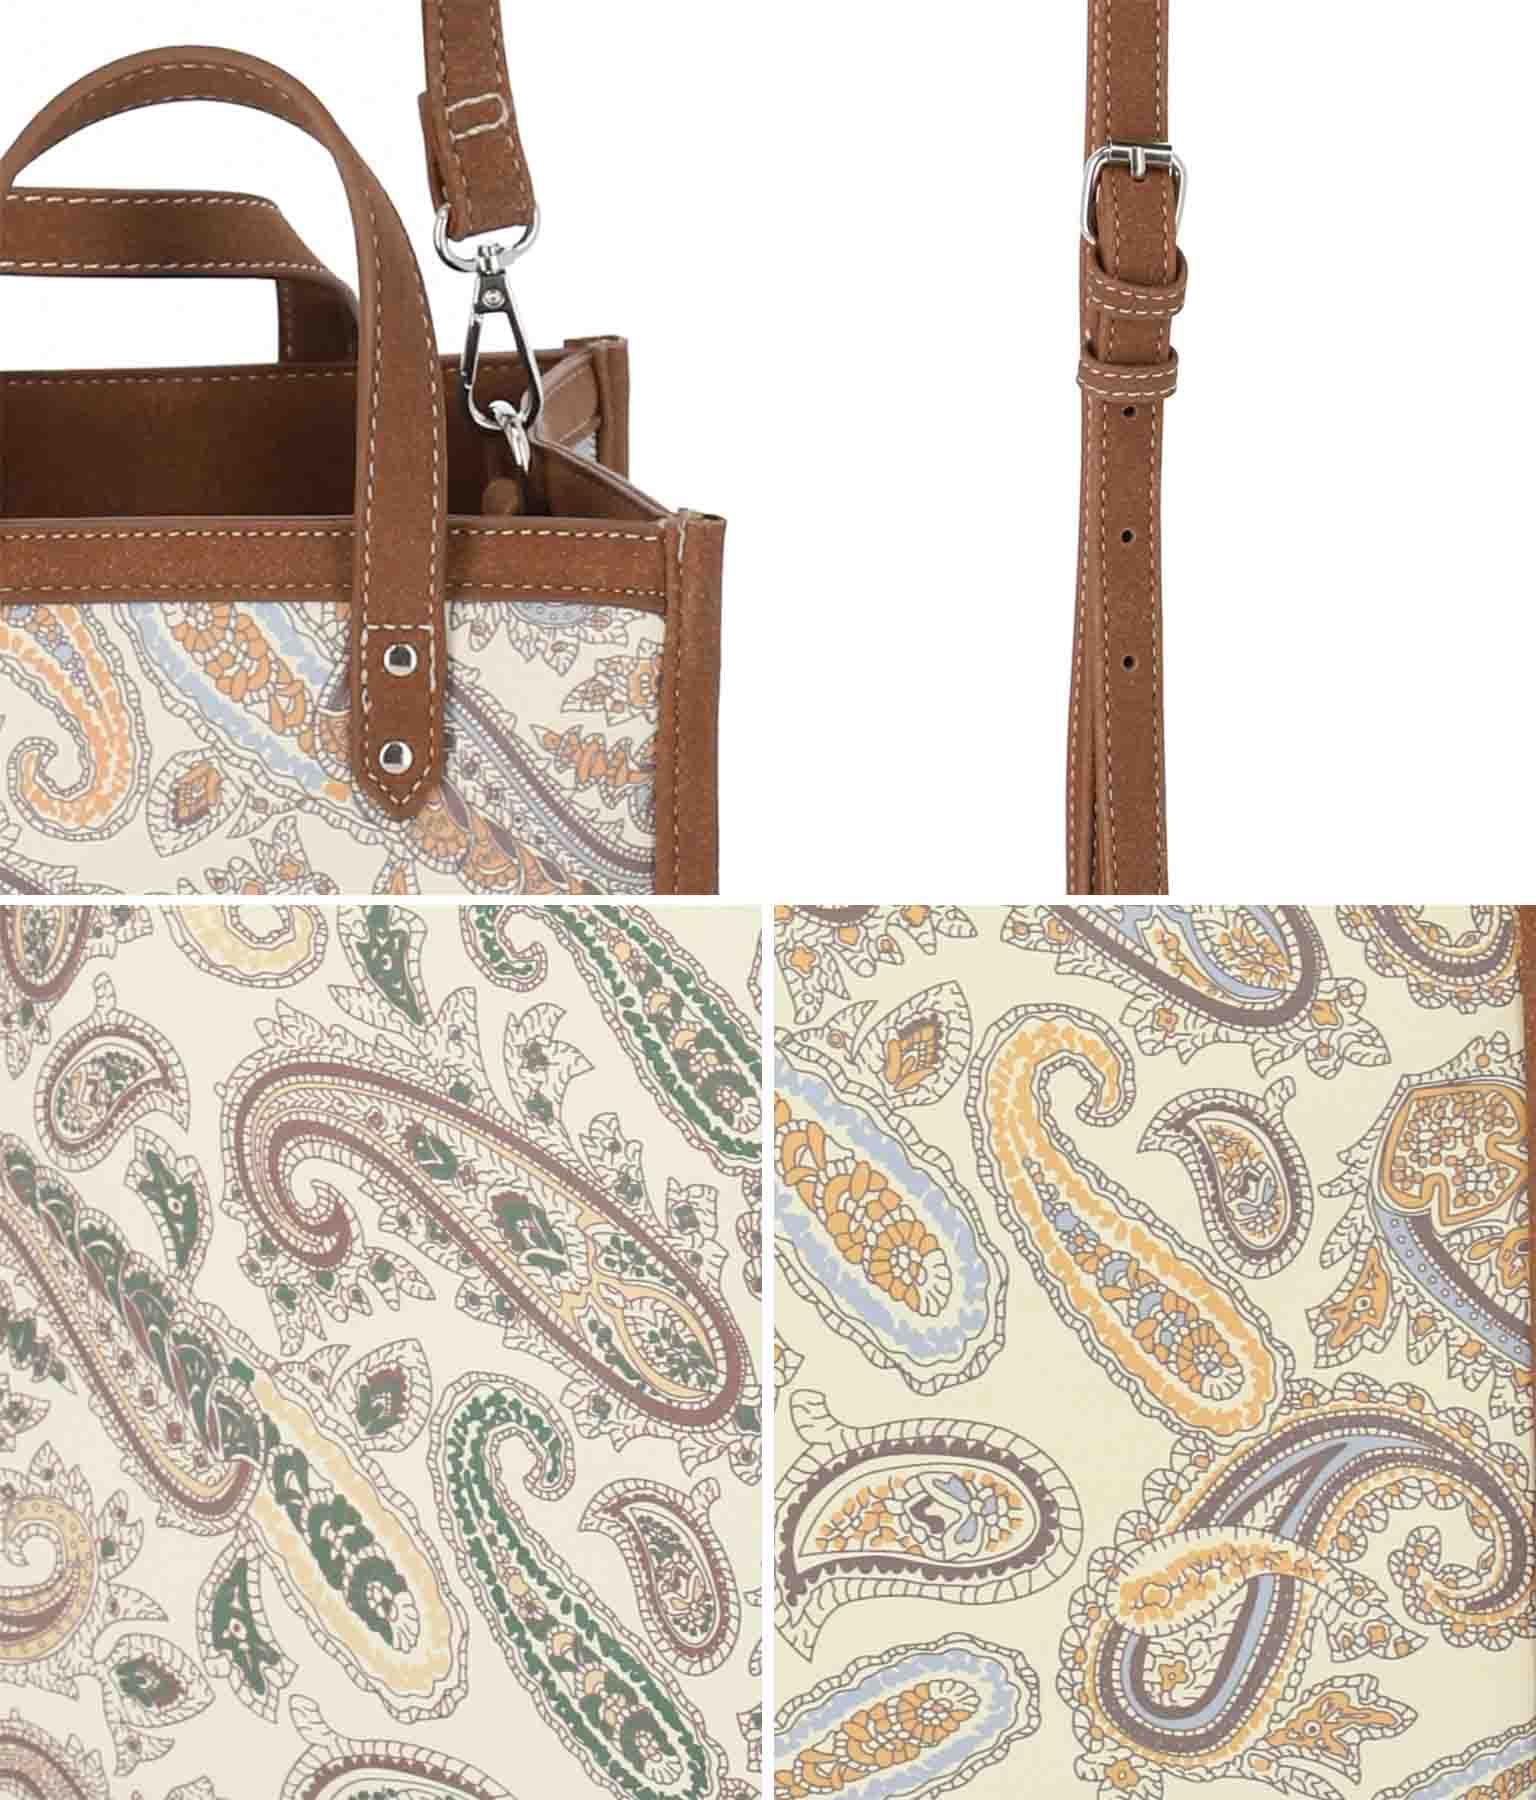 2WAYペイズリミニトートバッグ(バッグ・鞄・小物/ショルダーバッグ・トートバッグ) | anap mimpi